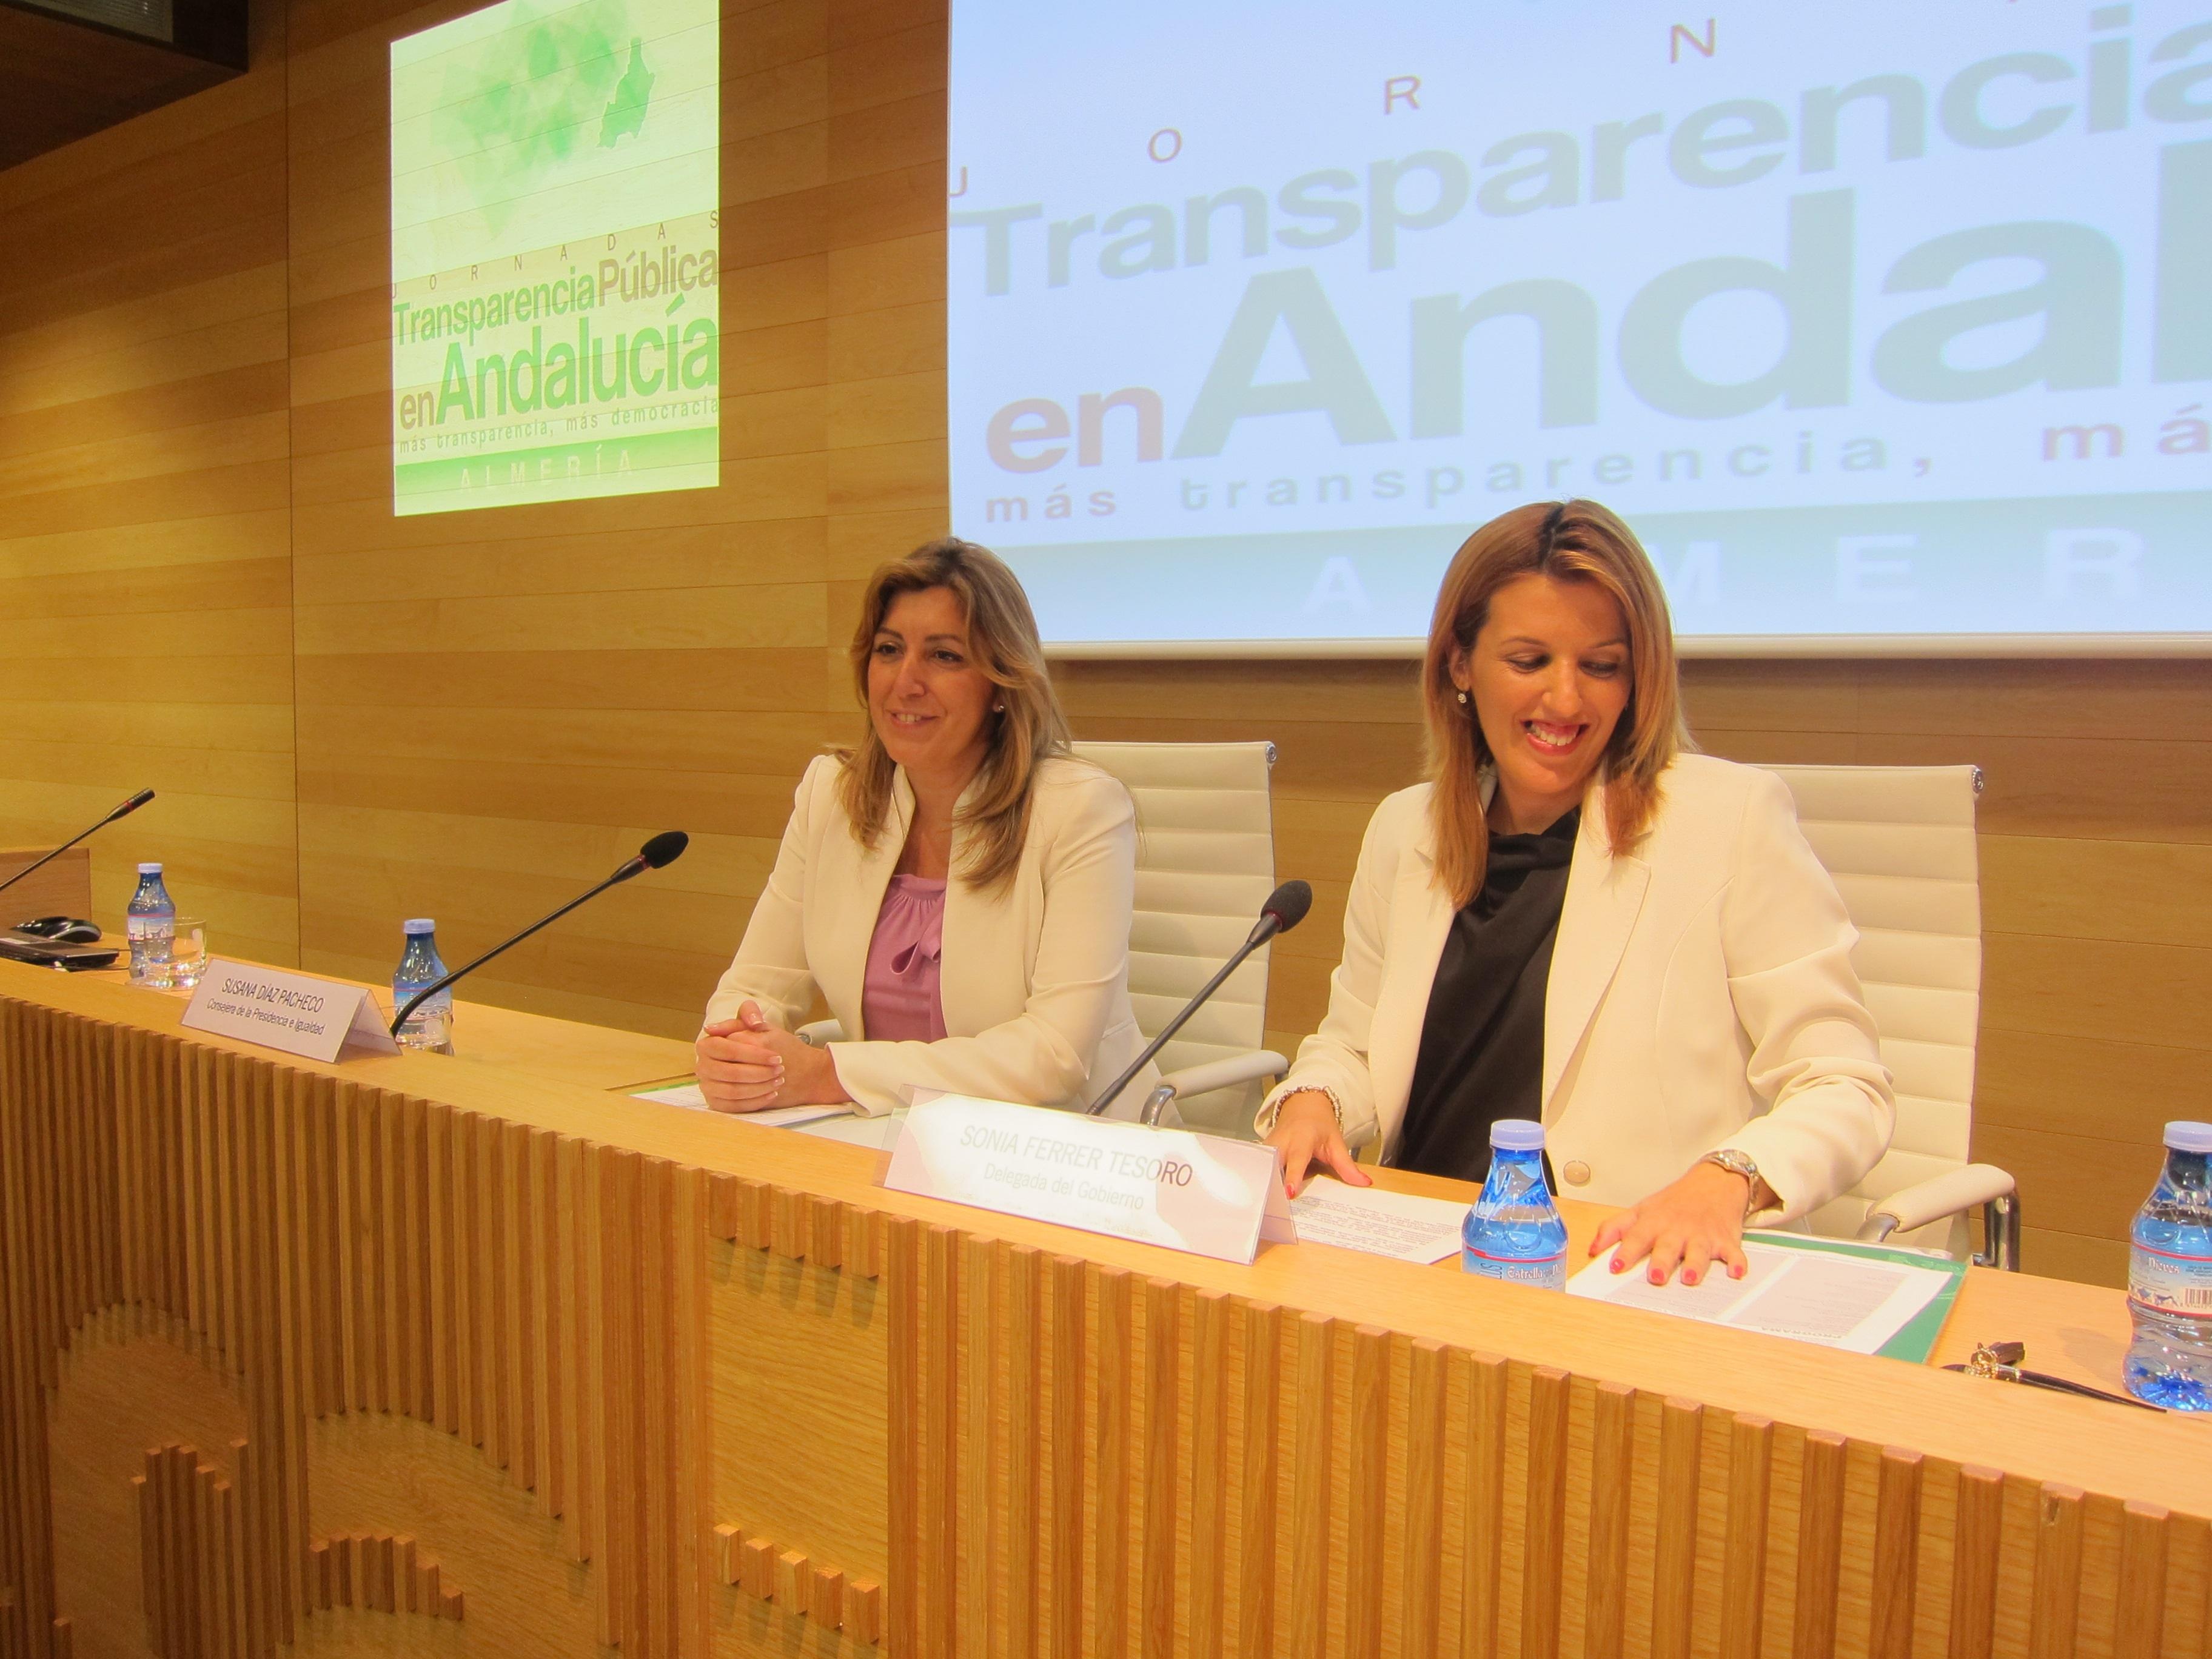 La Junta de Andalucía solicita a entidades y organizaciones sociales informes para participar en la Ley de Transparencia